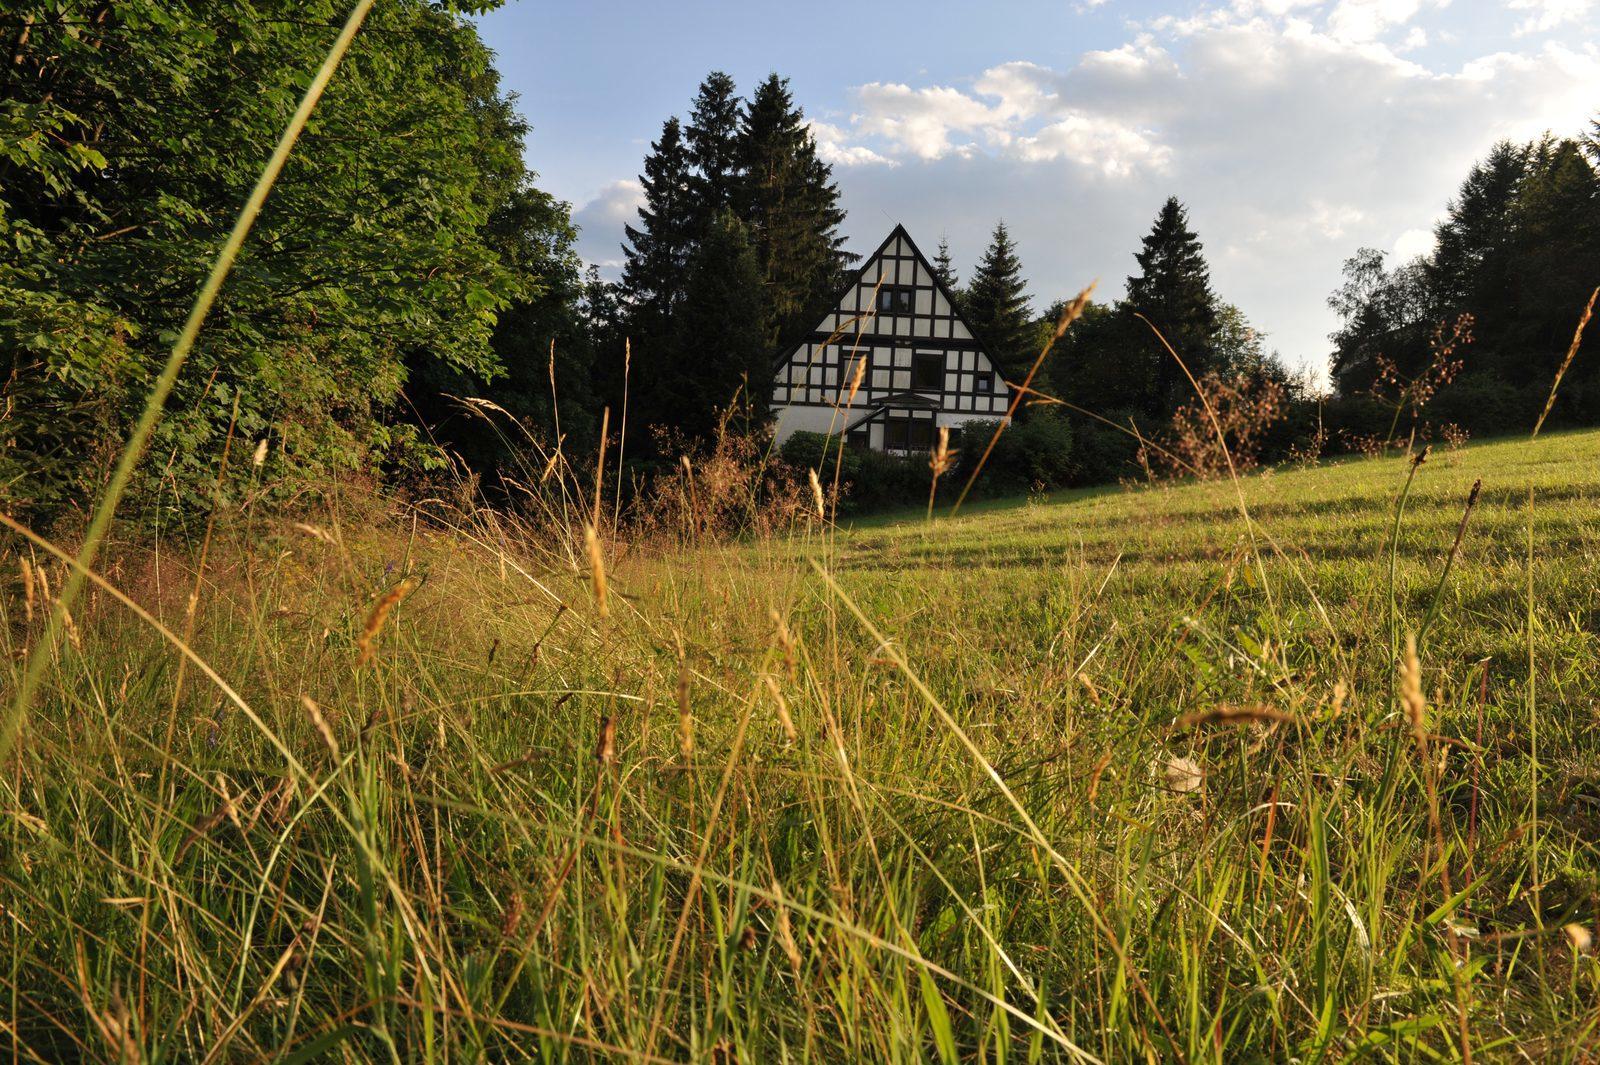 Vakantiehuis huren bij landhuis Wilhelm in Winterberg